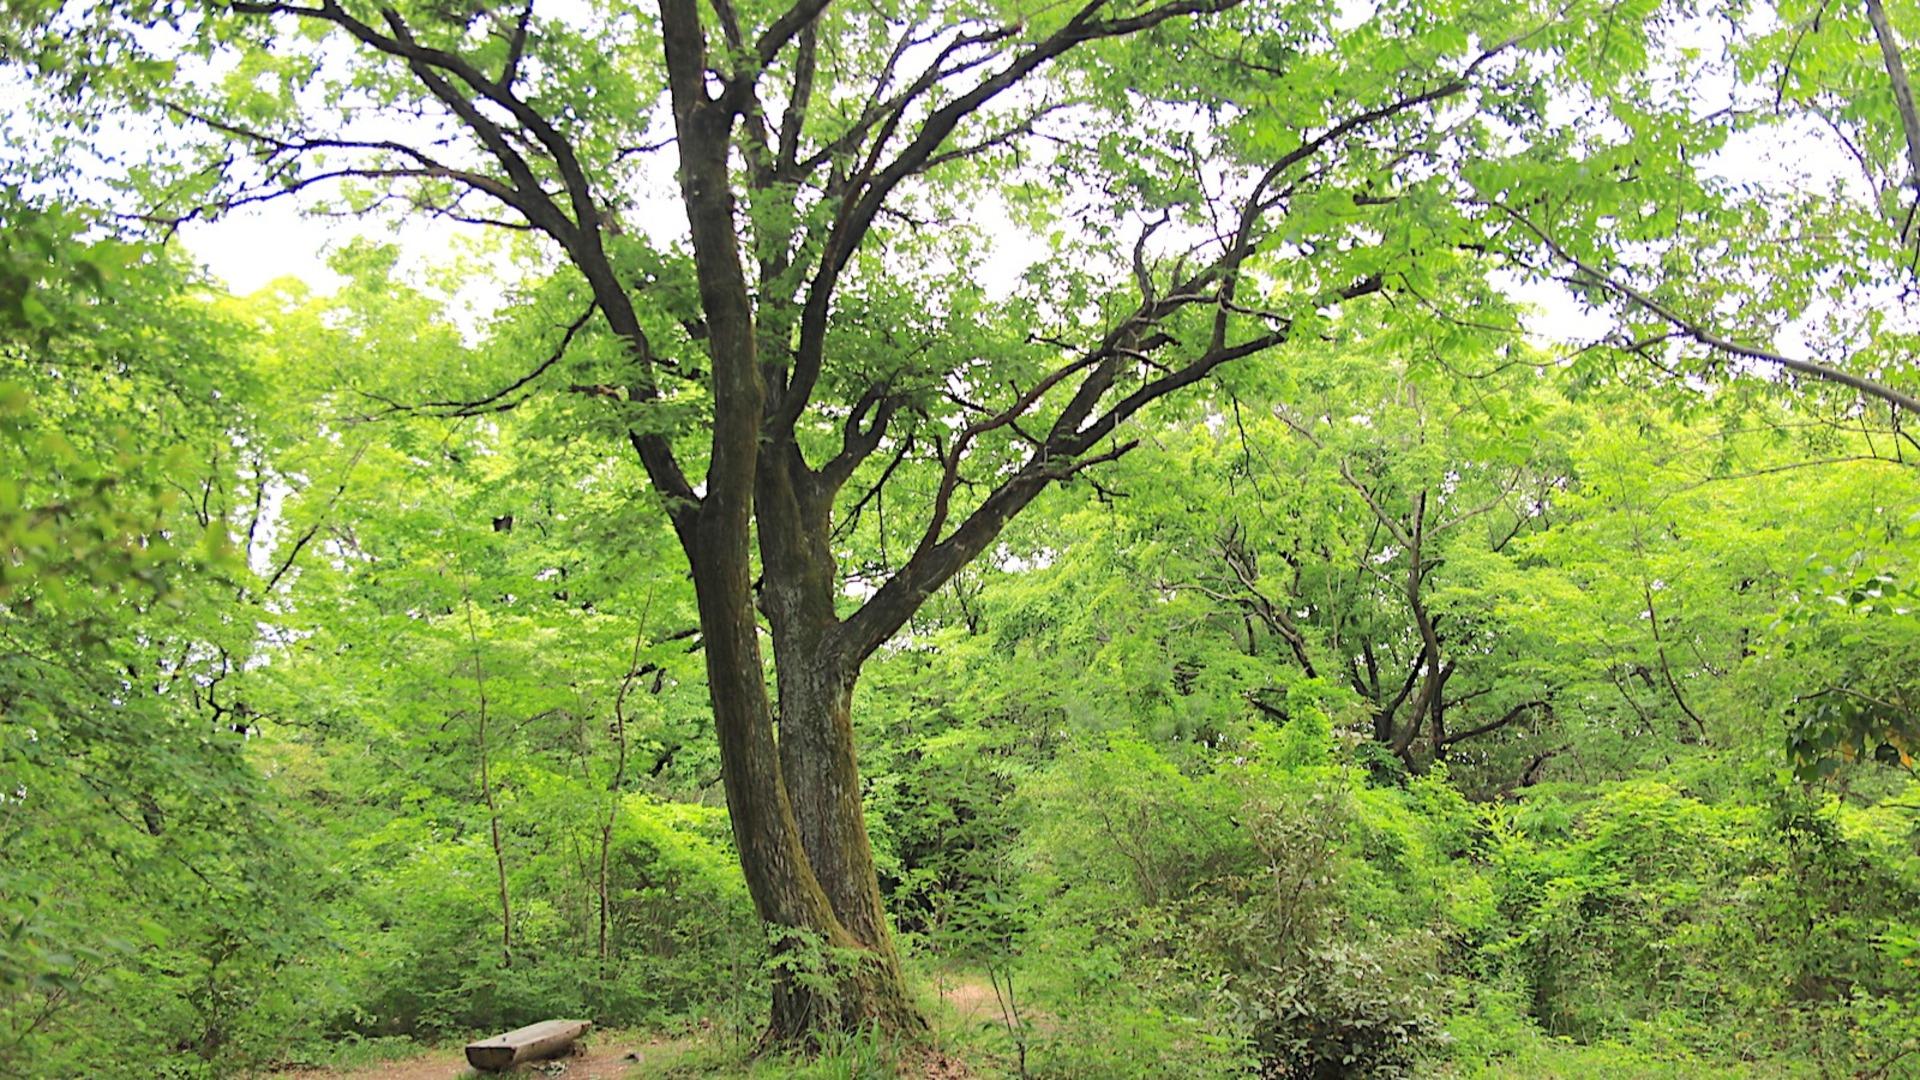 【名古屋市天白区】名古屋に残る癒しの里山「相生山緑地」を散策 - 土庄雄平   Yahoo! JAPAN クリエイターズプログラム